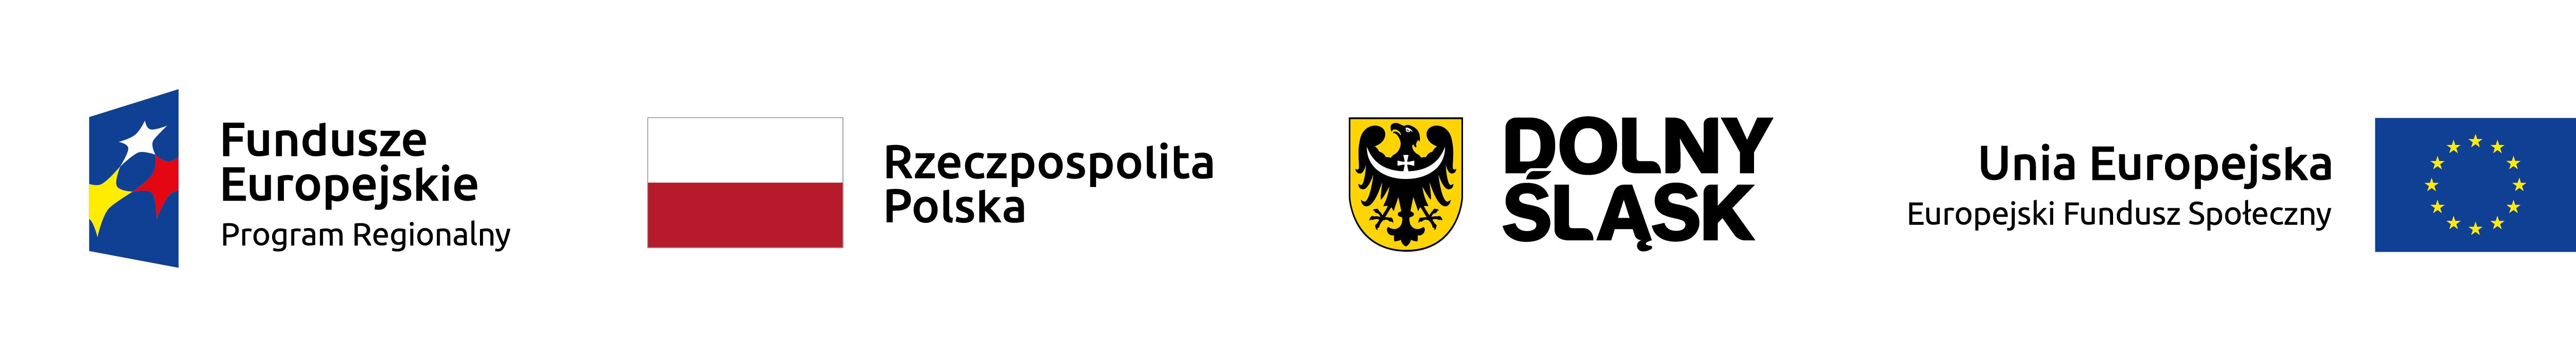 Zestawienie logotypów RPO 2018